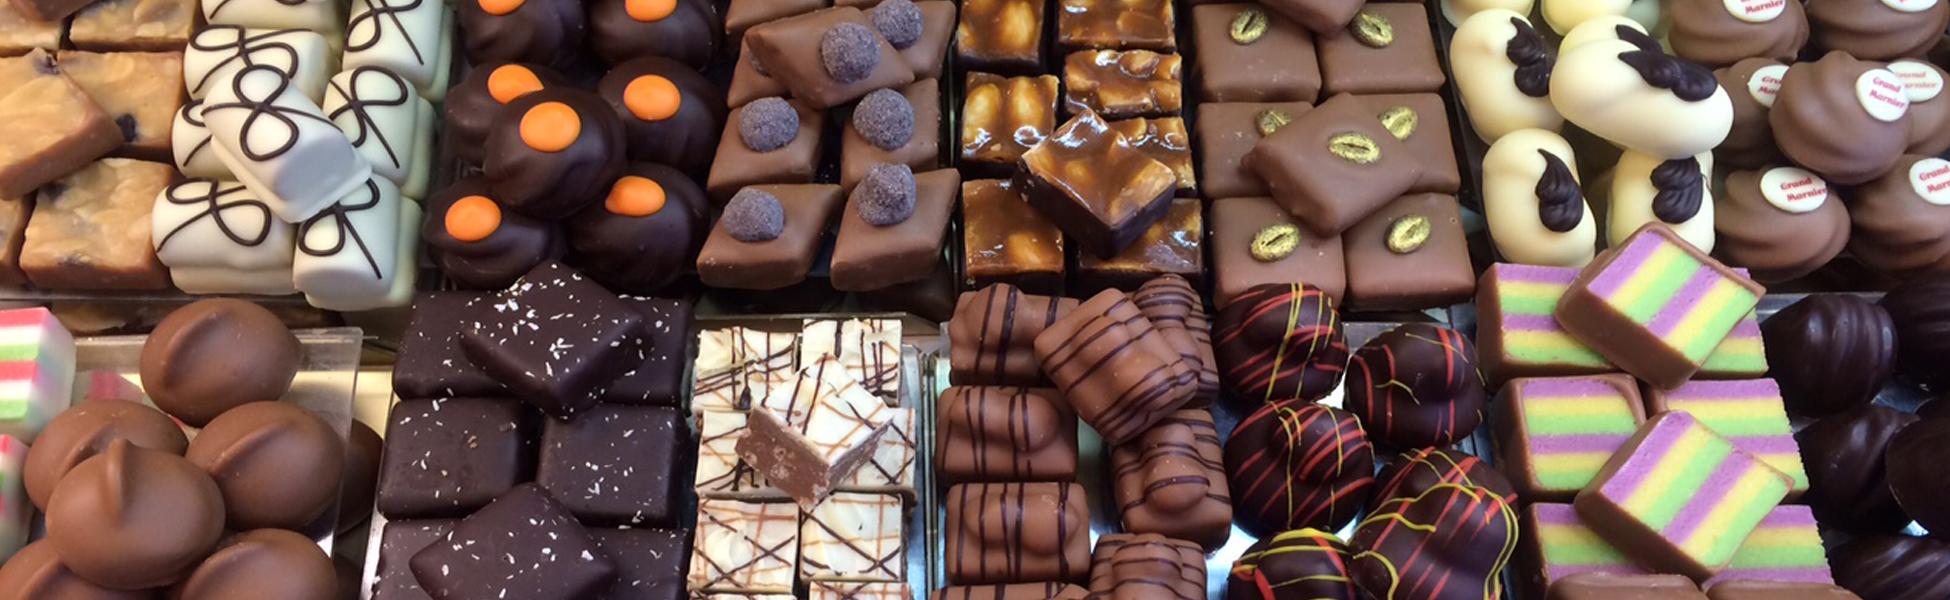 Liefde voor chocolade<br />en bonbons&#8230;